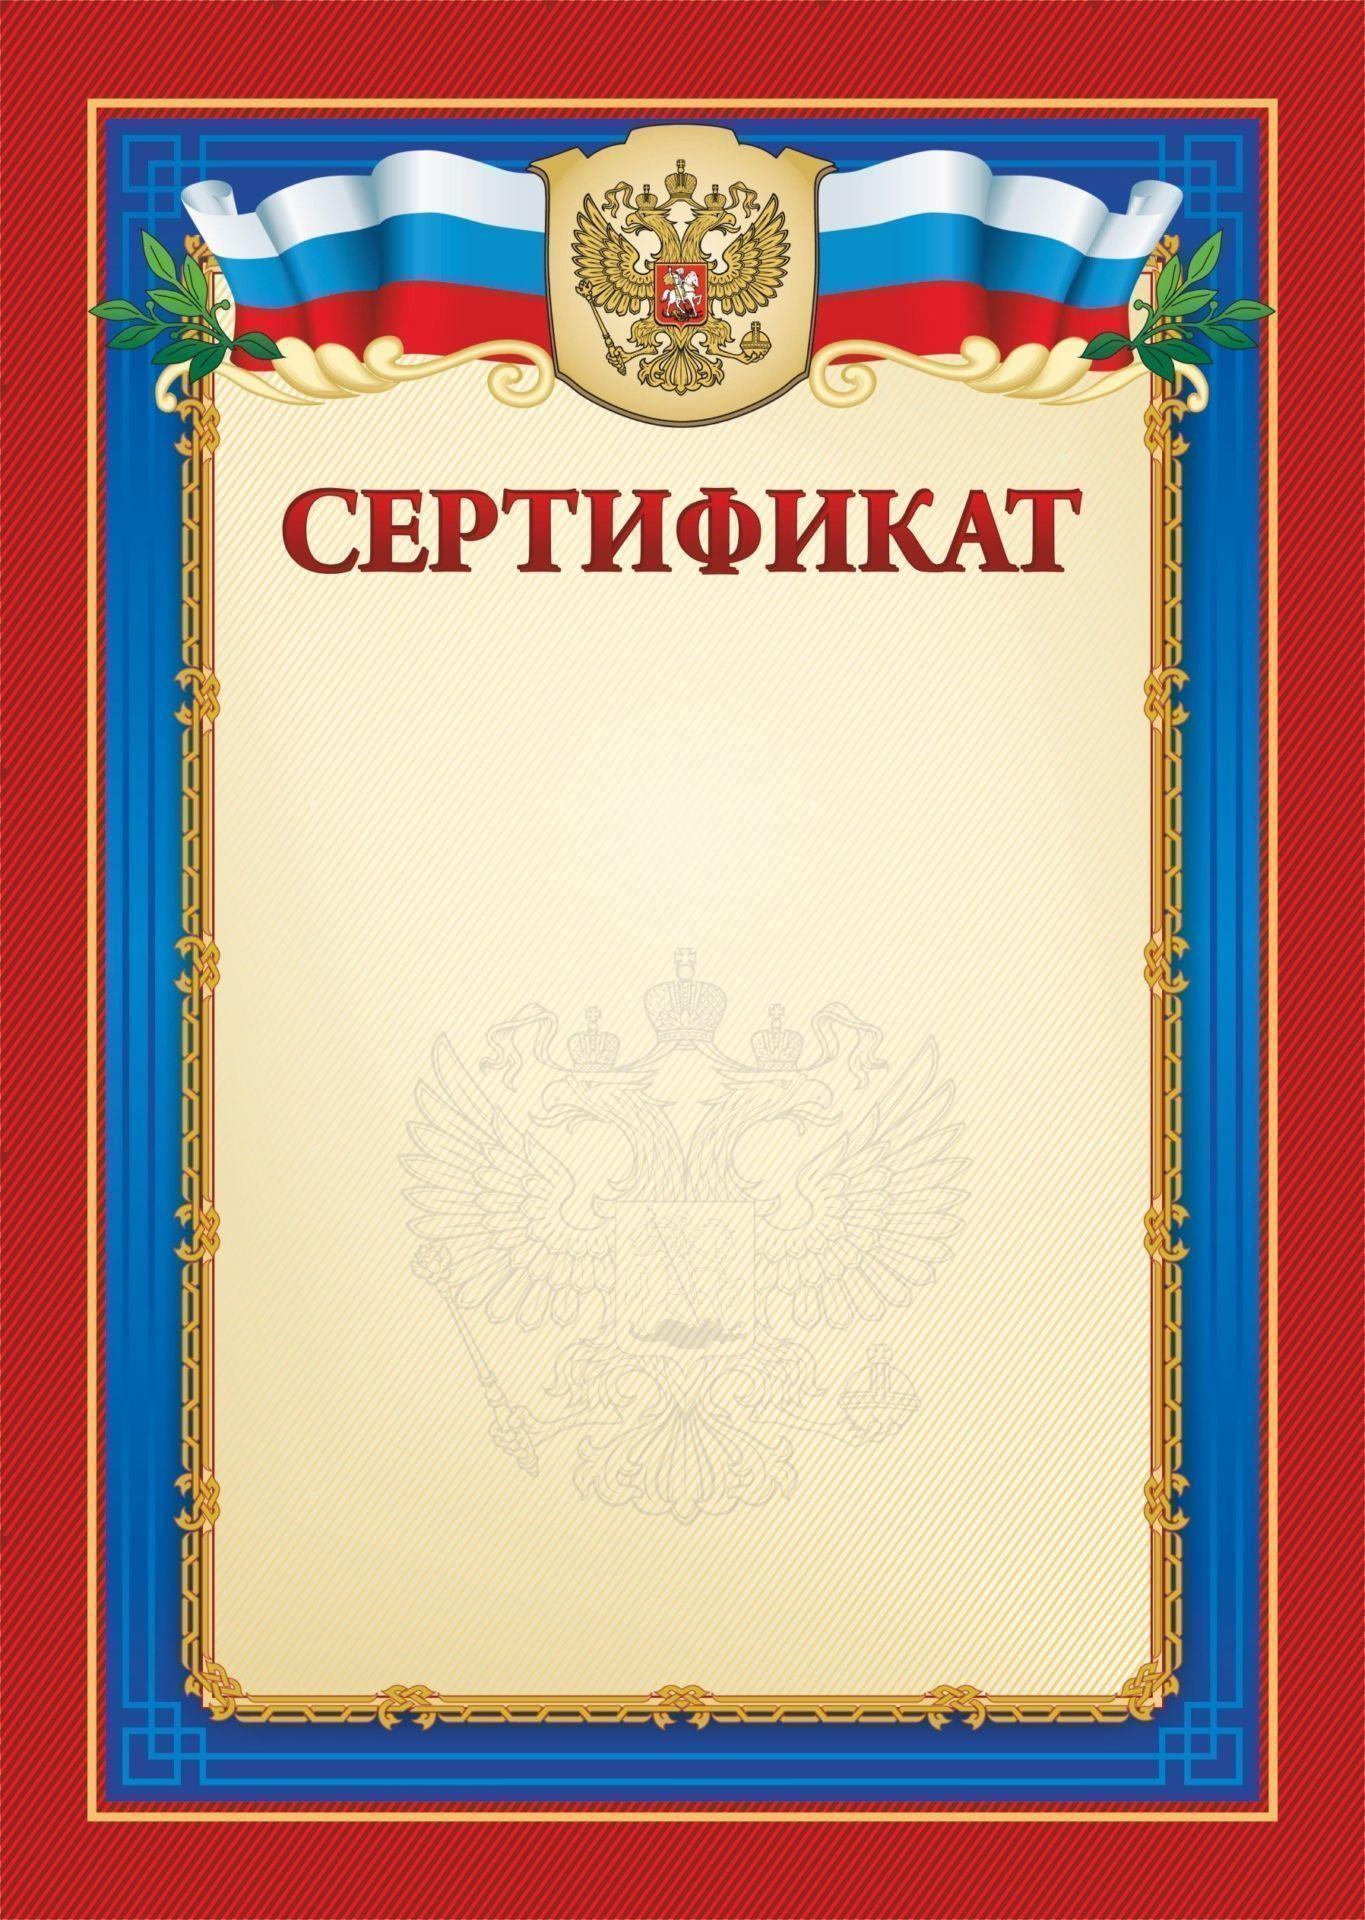 Сертификат (с гербом и флагом)Сертификаты<br>Материалы:на обложку - бумага мелованная, пл. 250.00.<br><br>Год: 2017<br>Высота: 210<br>Ширина: 148